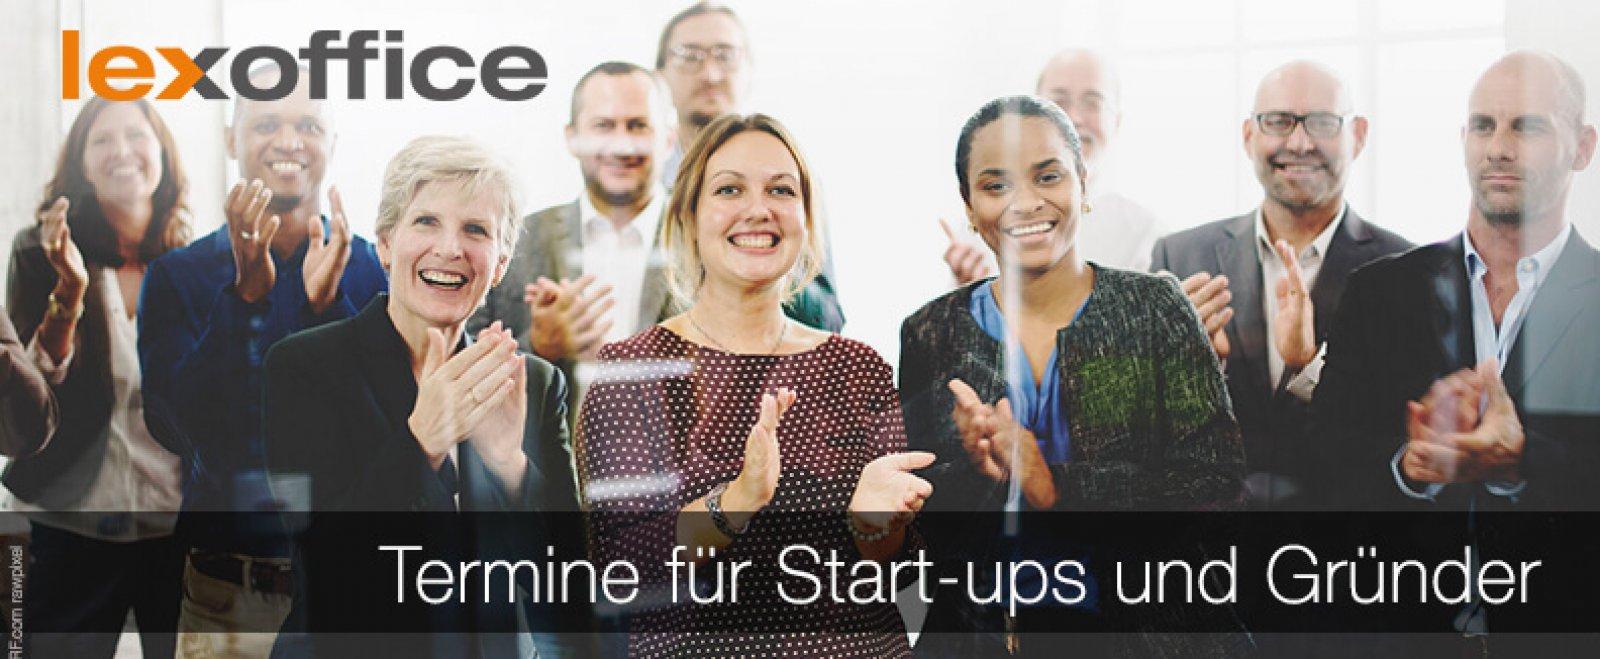 Veranstaltungstipps für Gründer und Start-ups, Networking-Fans und Fortbildungswillige - Events im Januar 2018 im lexoffice Blog für Selbstständige.